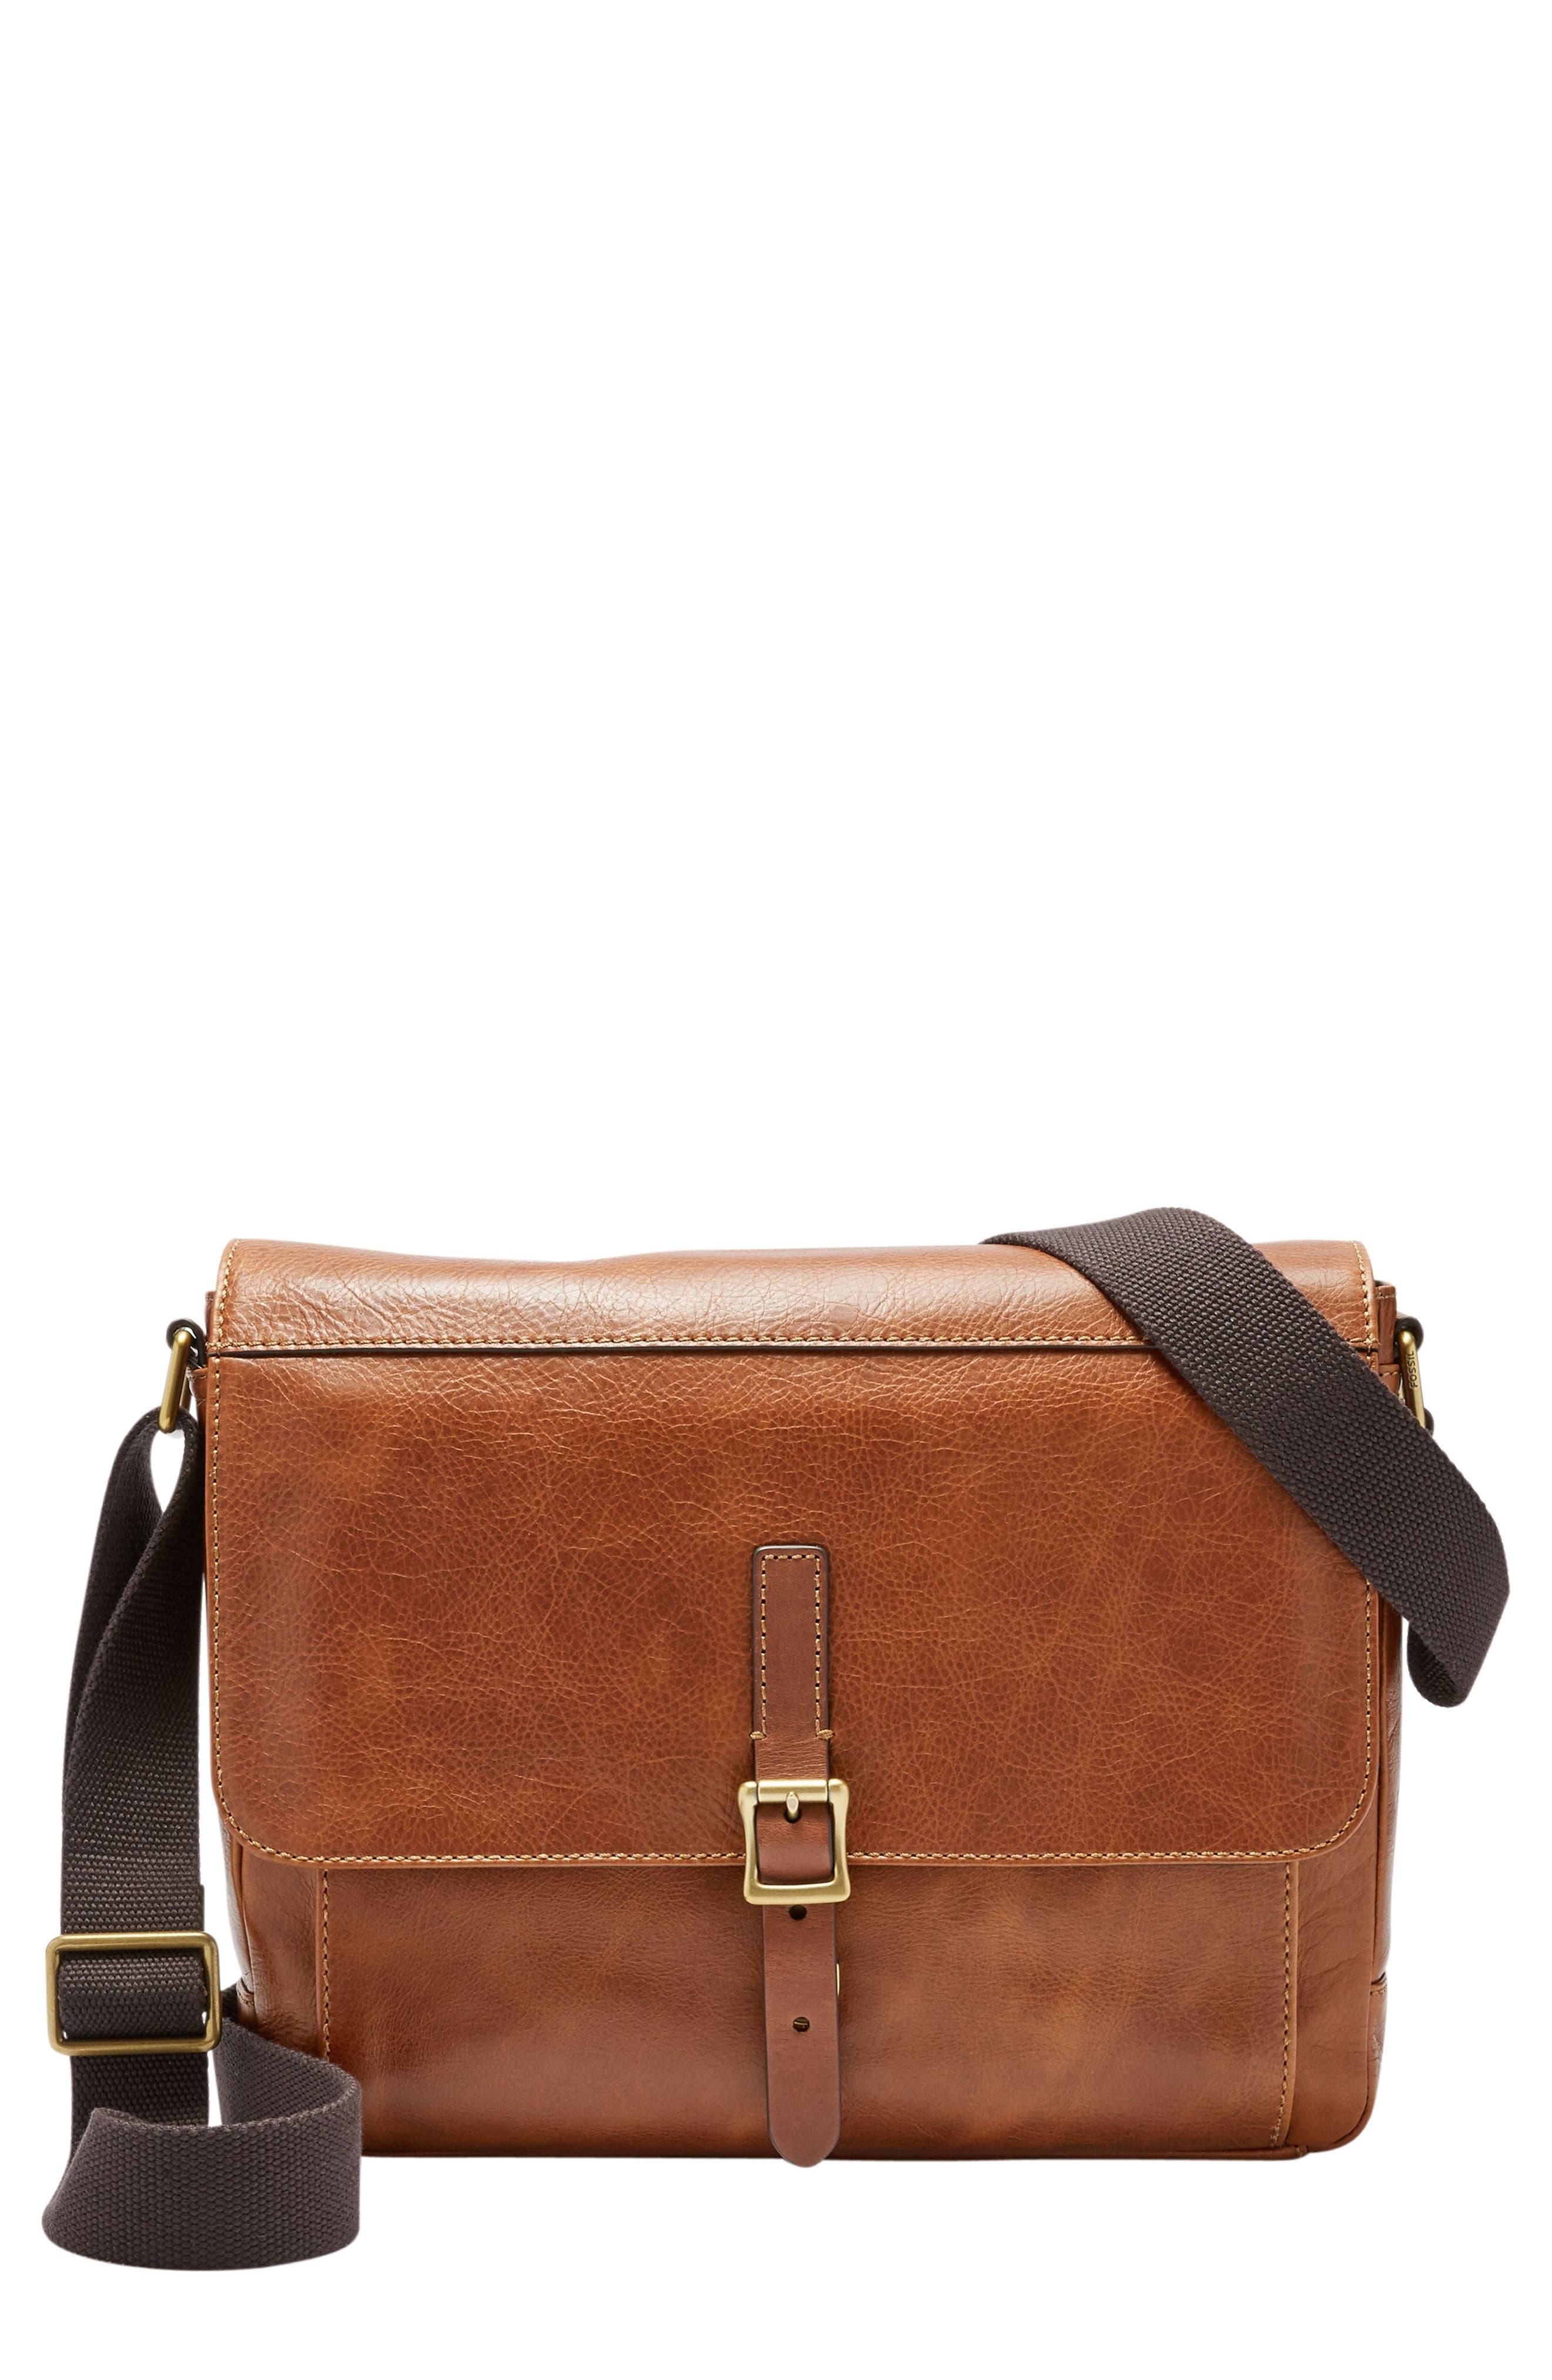 Defender Leather Messenger Bag,                         Main,                         color, 202